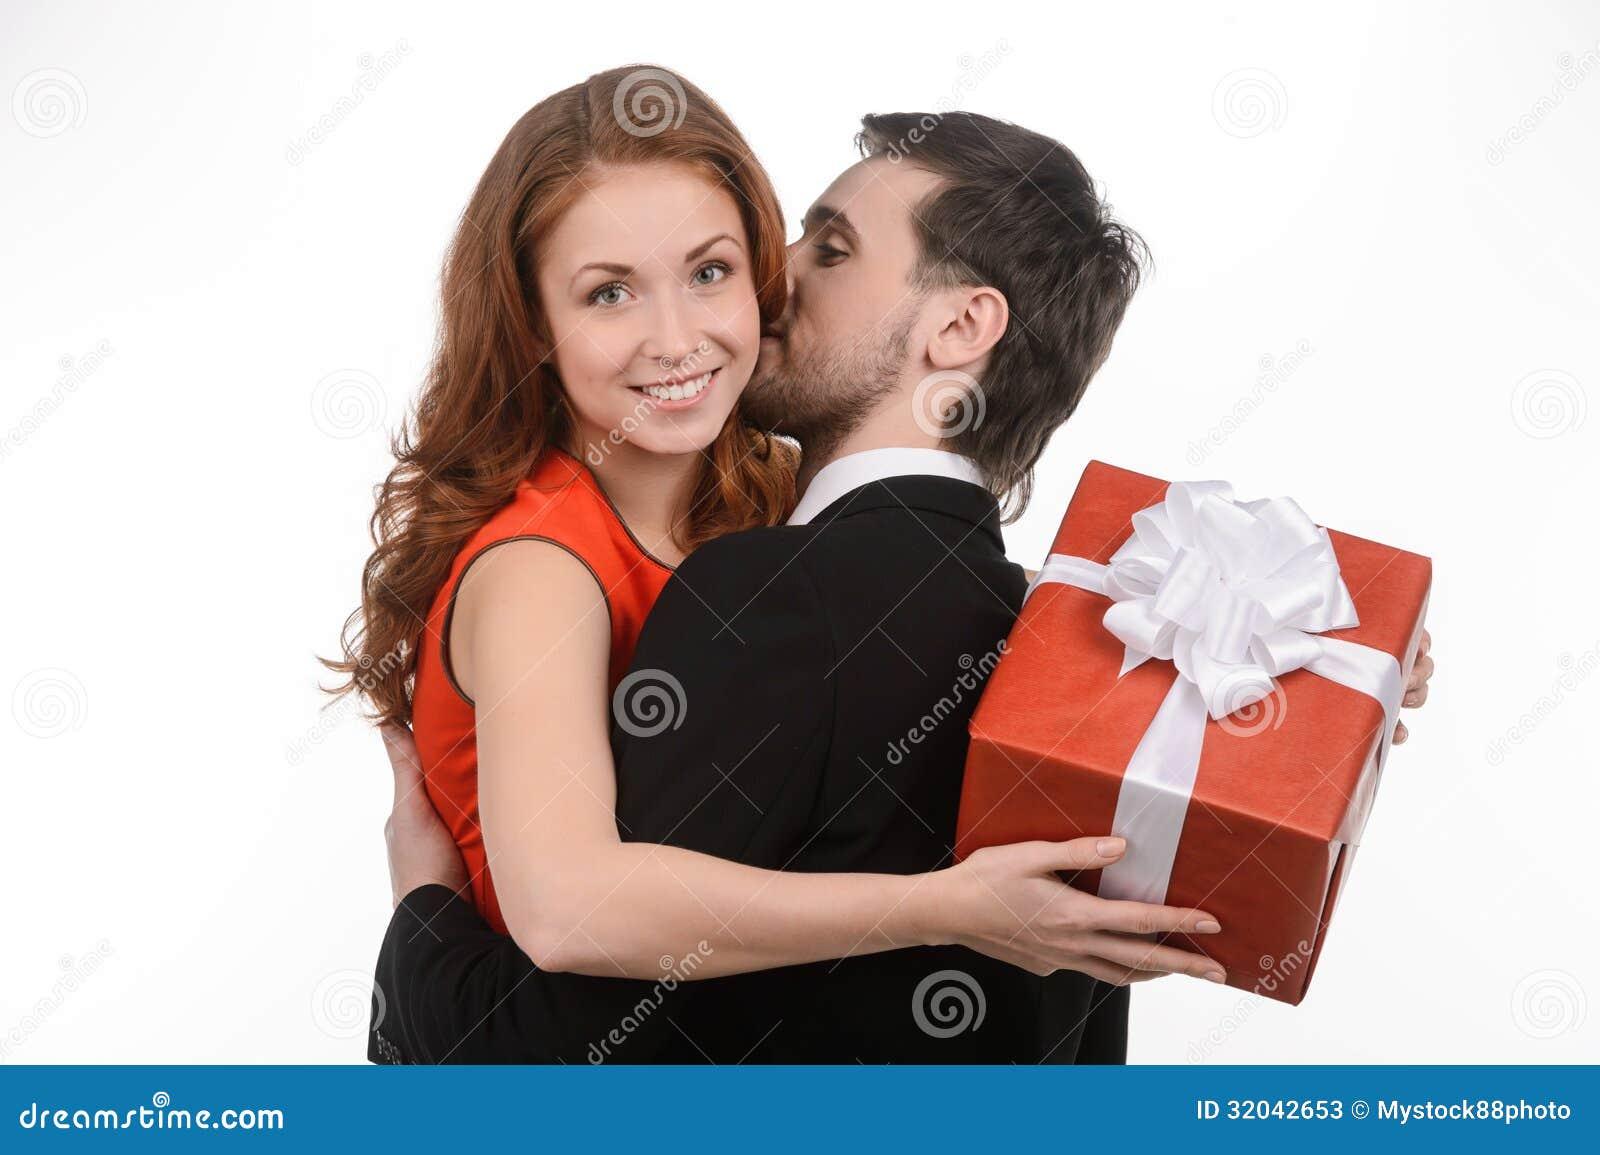 women love surprises